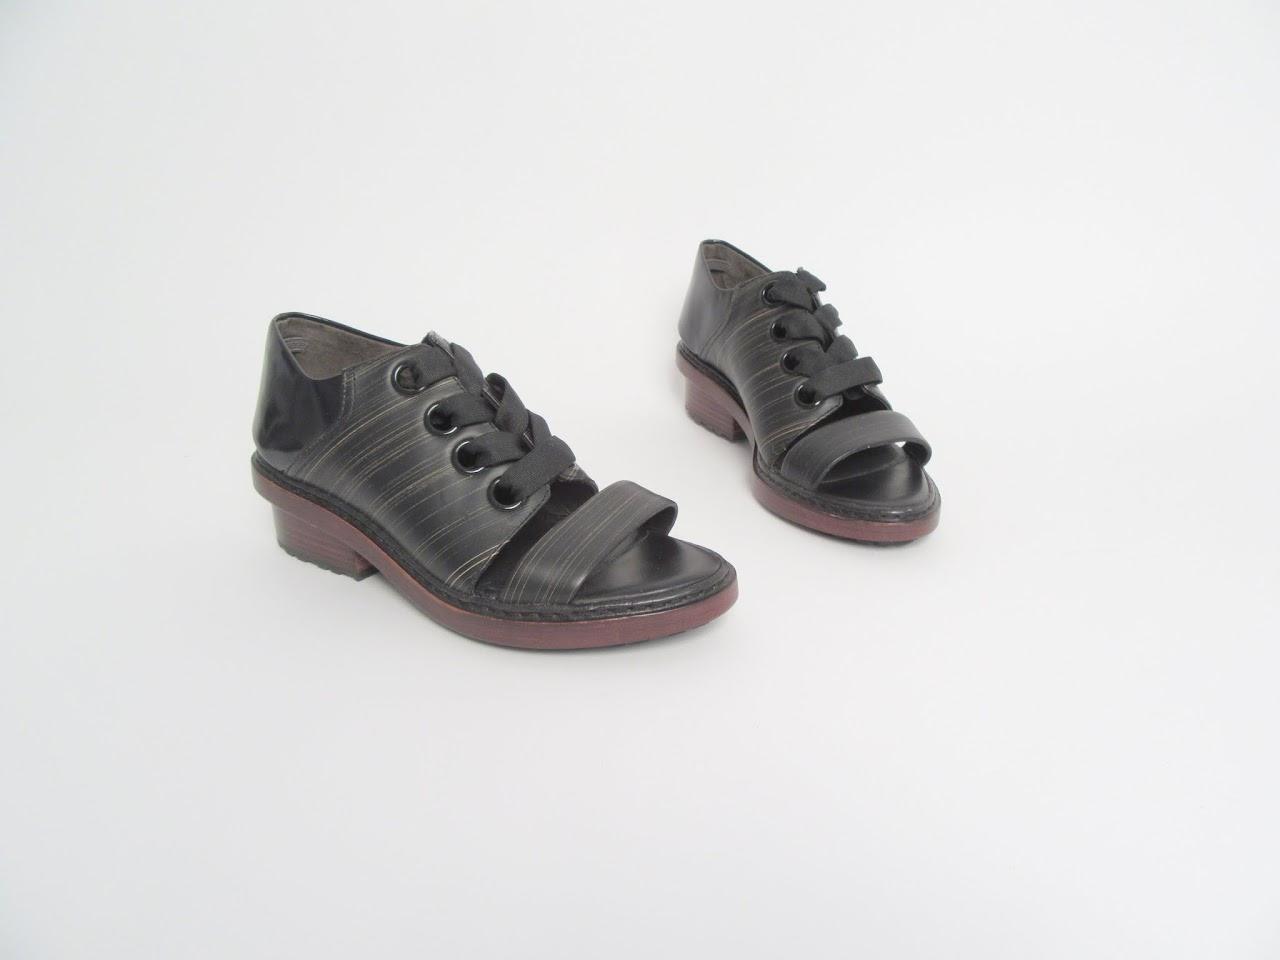 Phillip Lim Open Toe Shoes